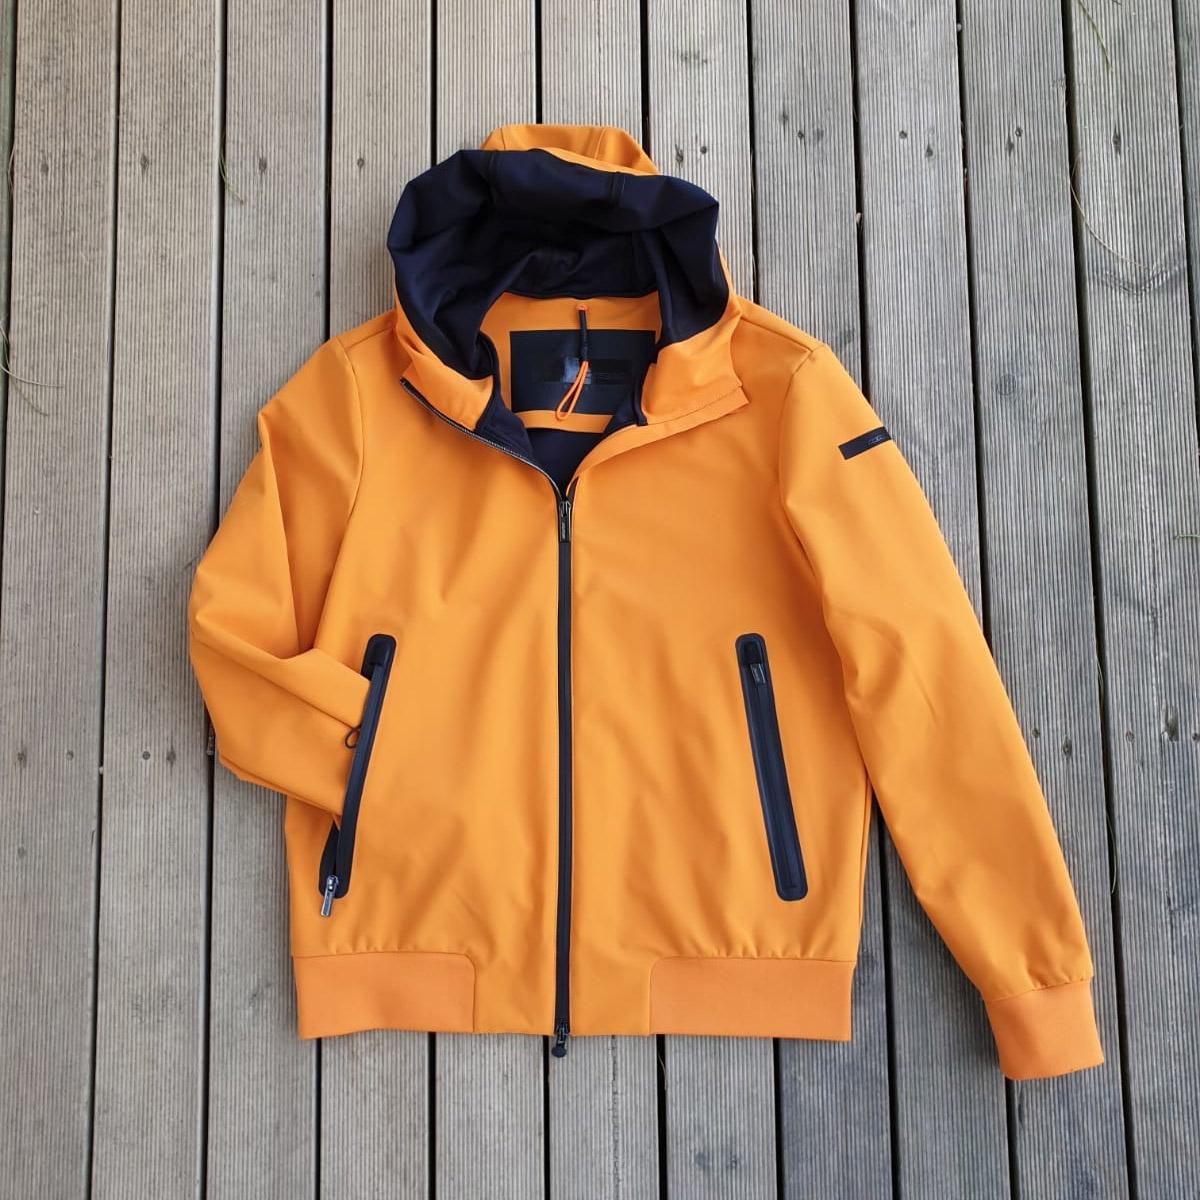 RRD giacca uomo - unionmoda outlet